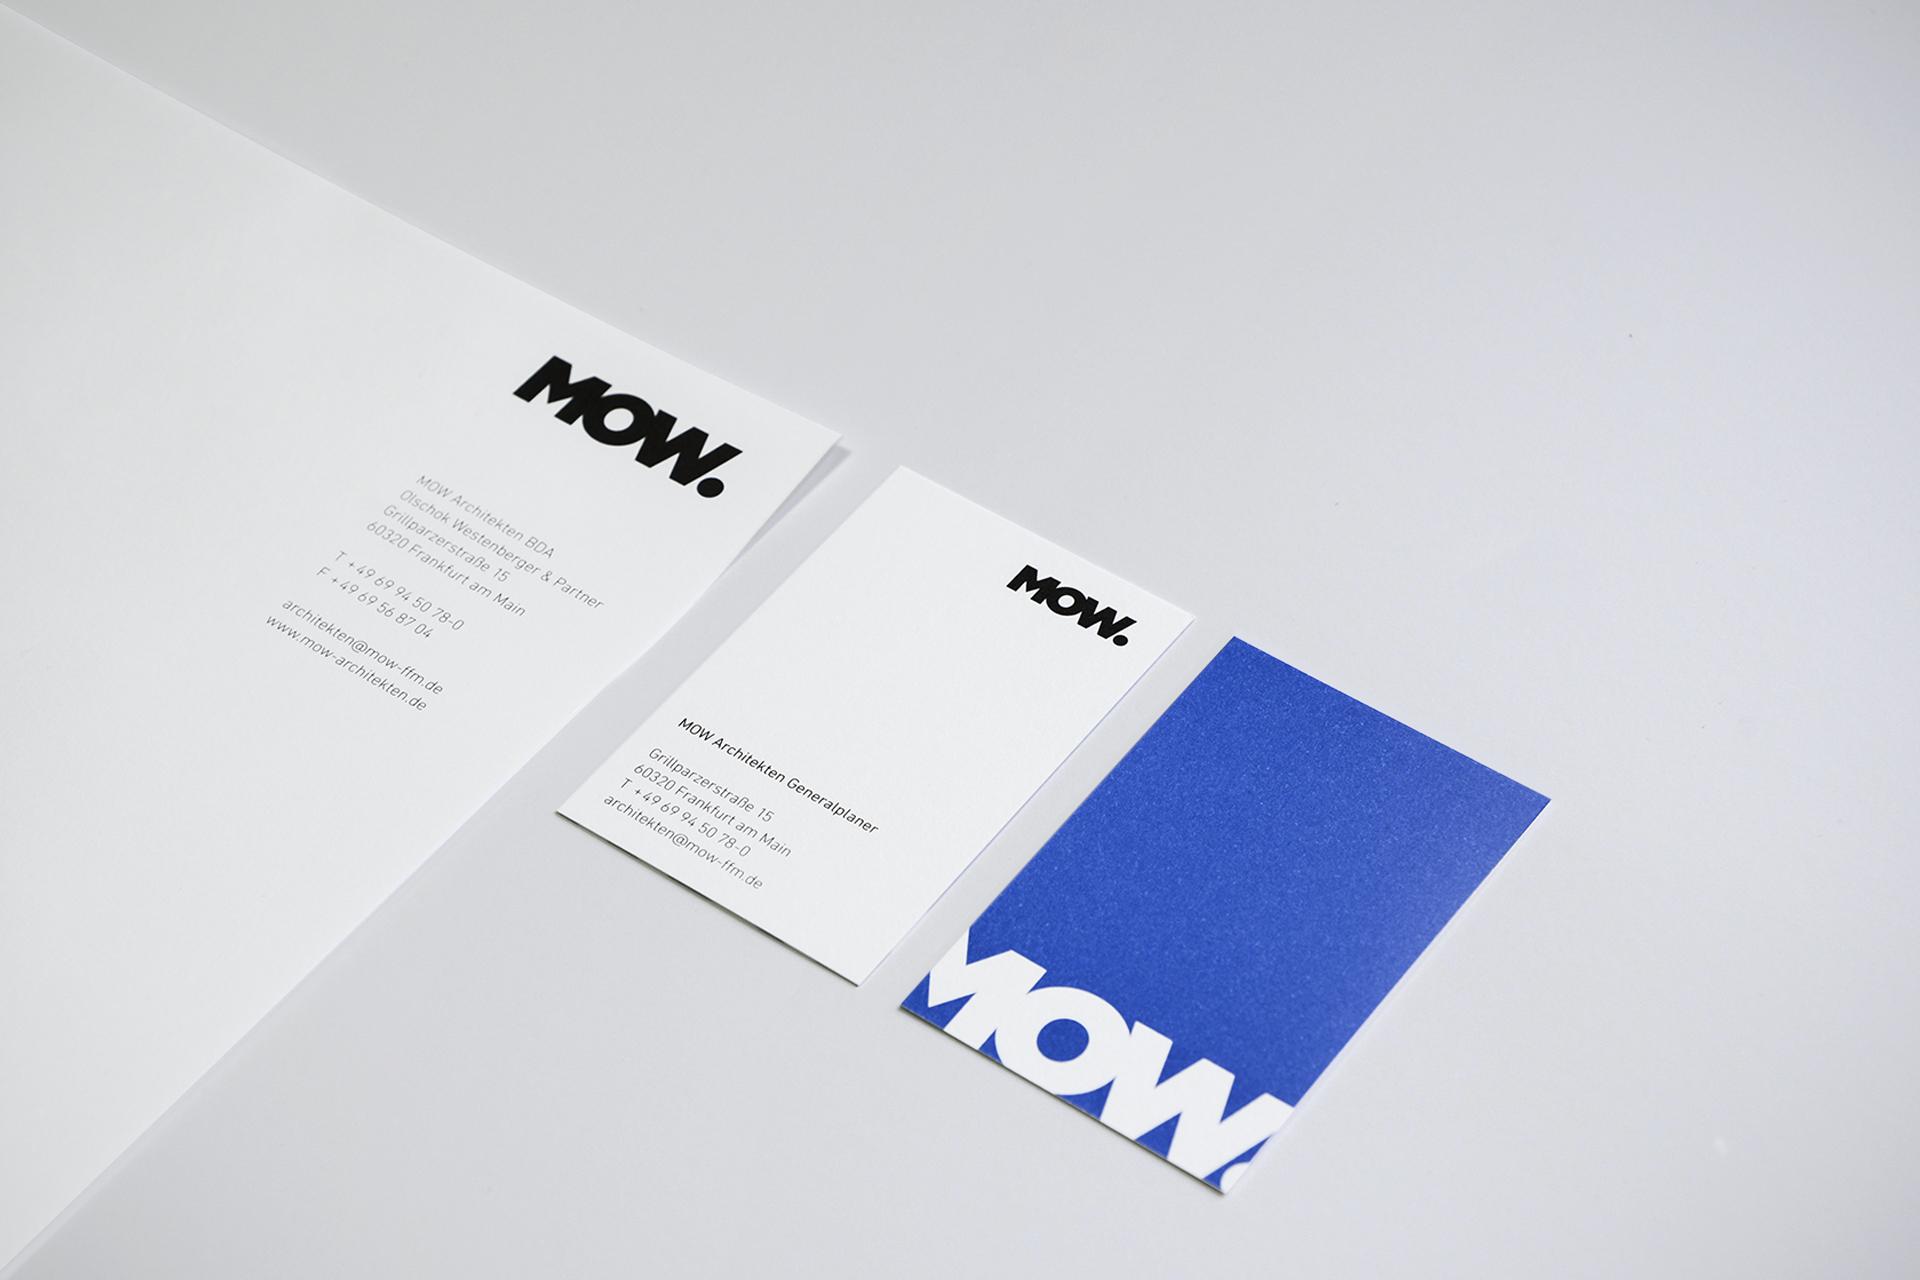 Quandel-Staudt-Design-MOW-Geschaeftsausstattung_06